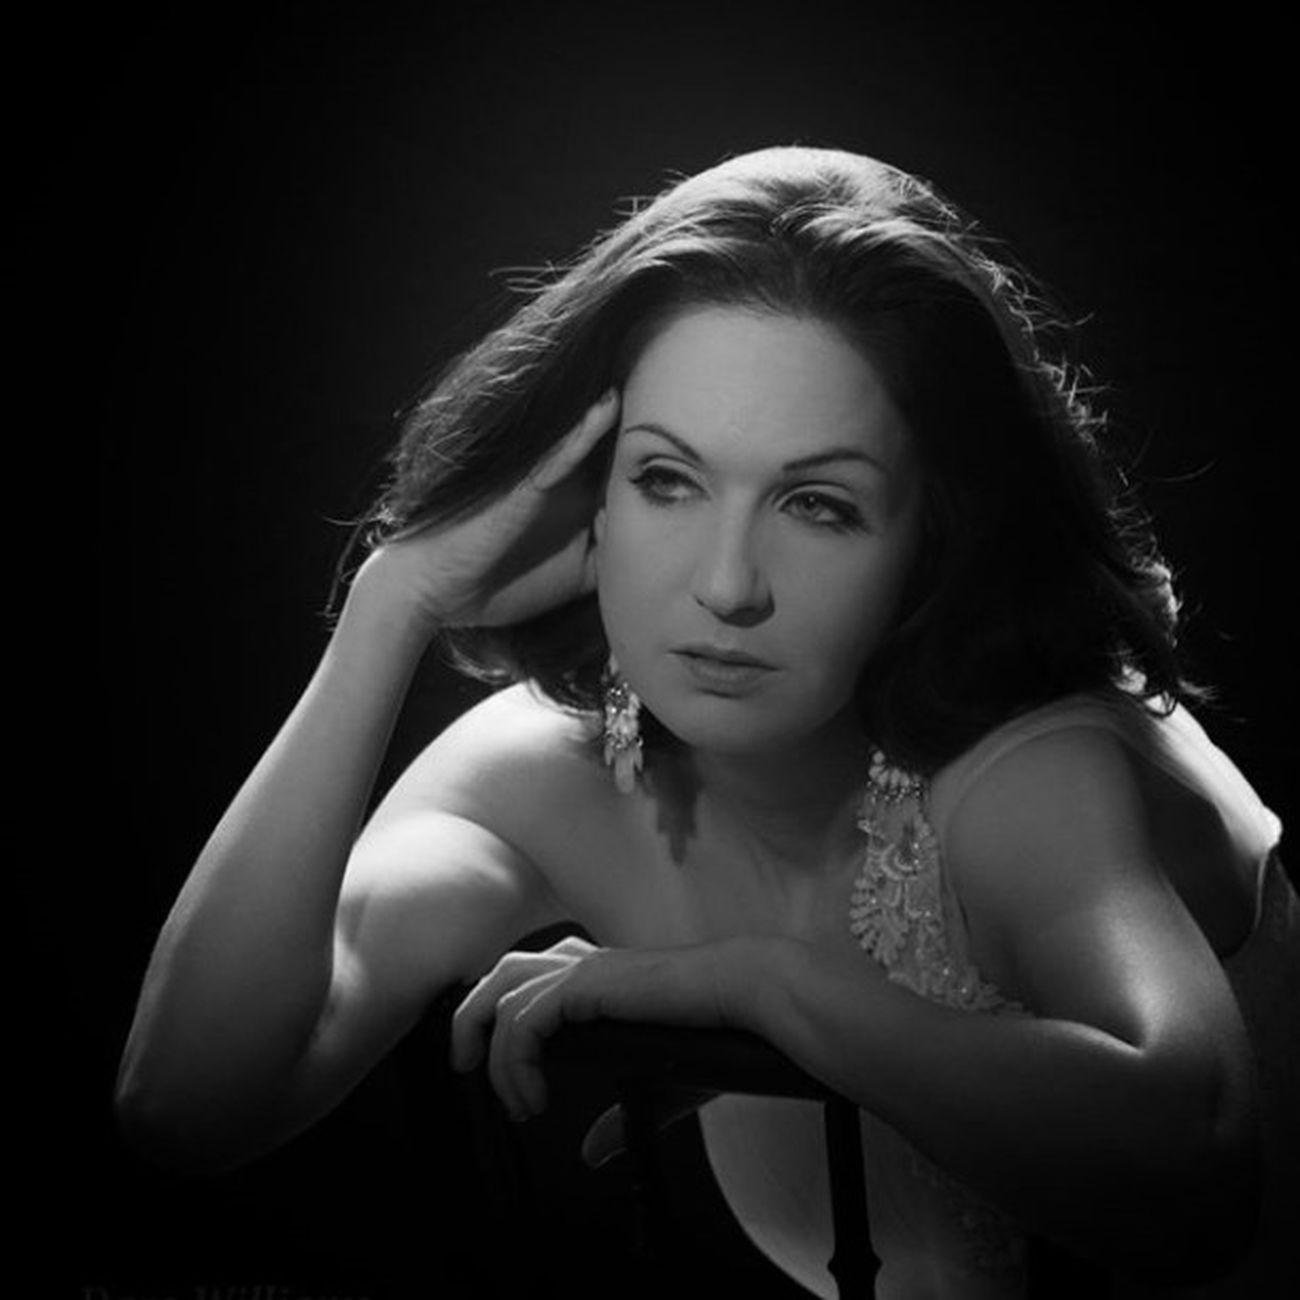 Black &whiteFilmnoir Beauty Glamour Glam Model